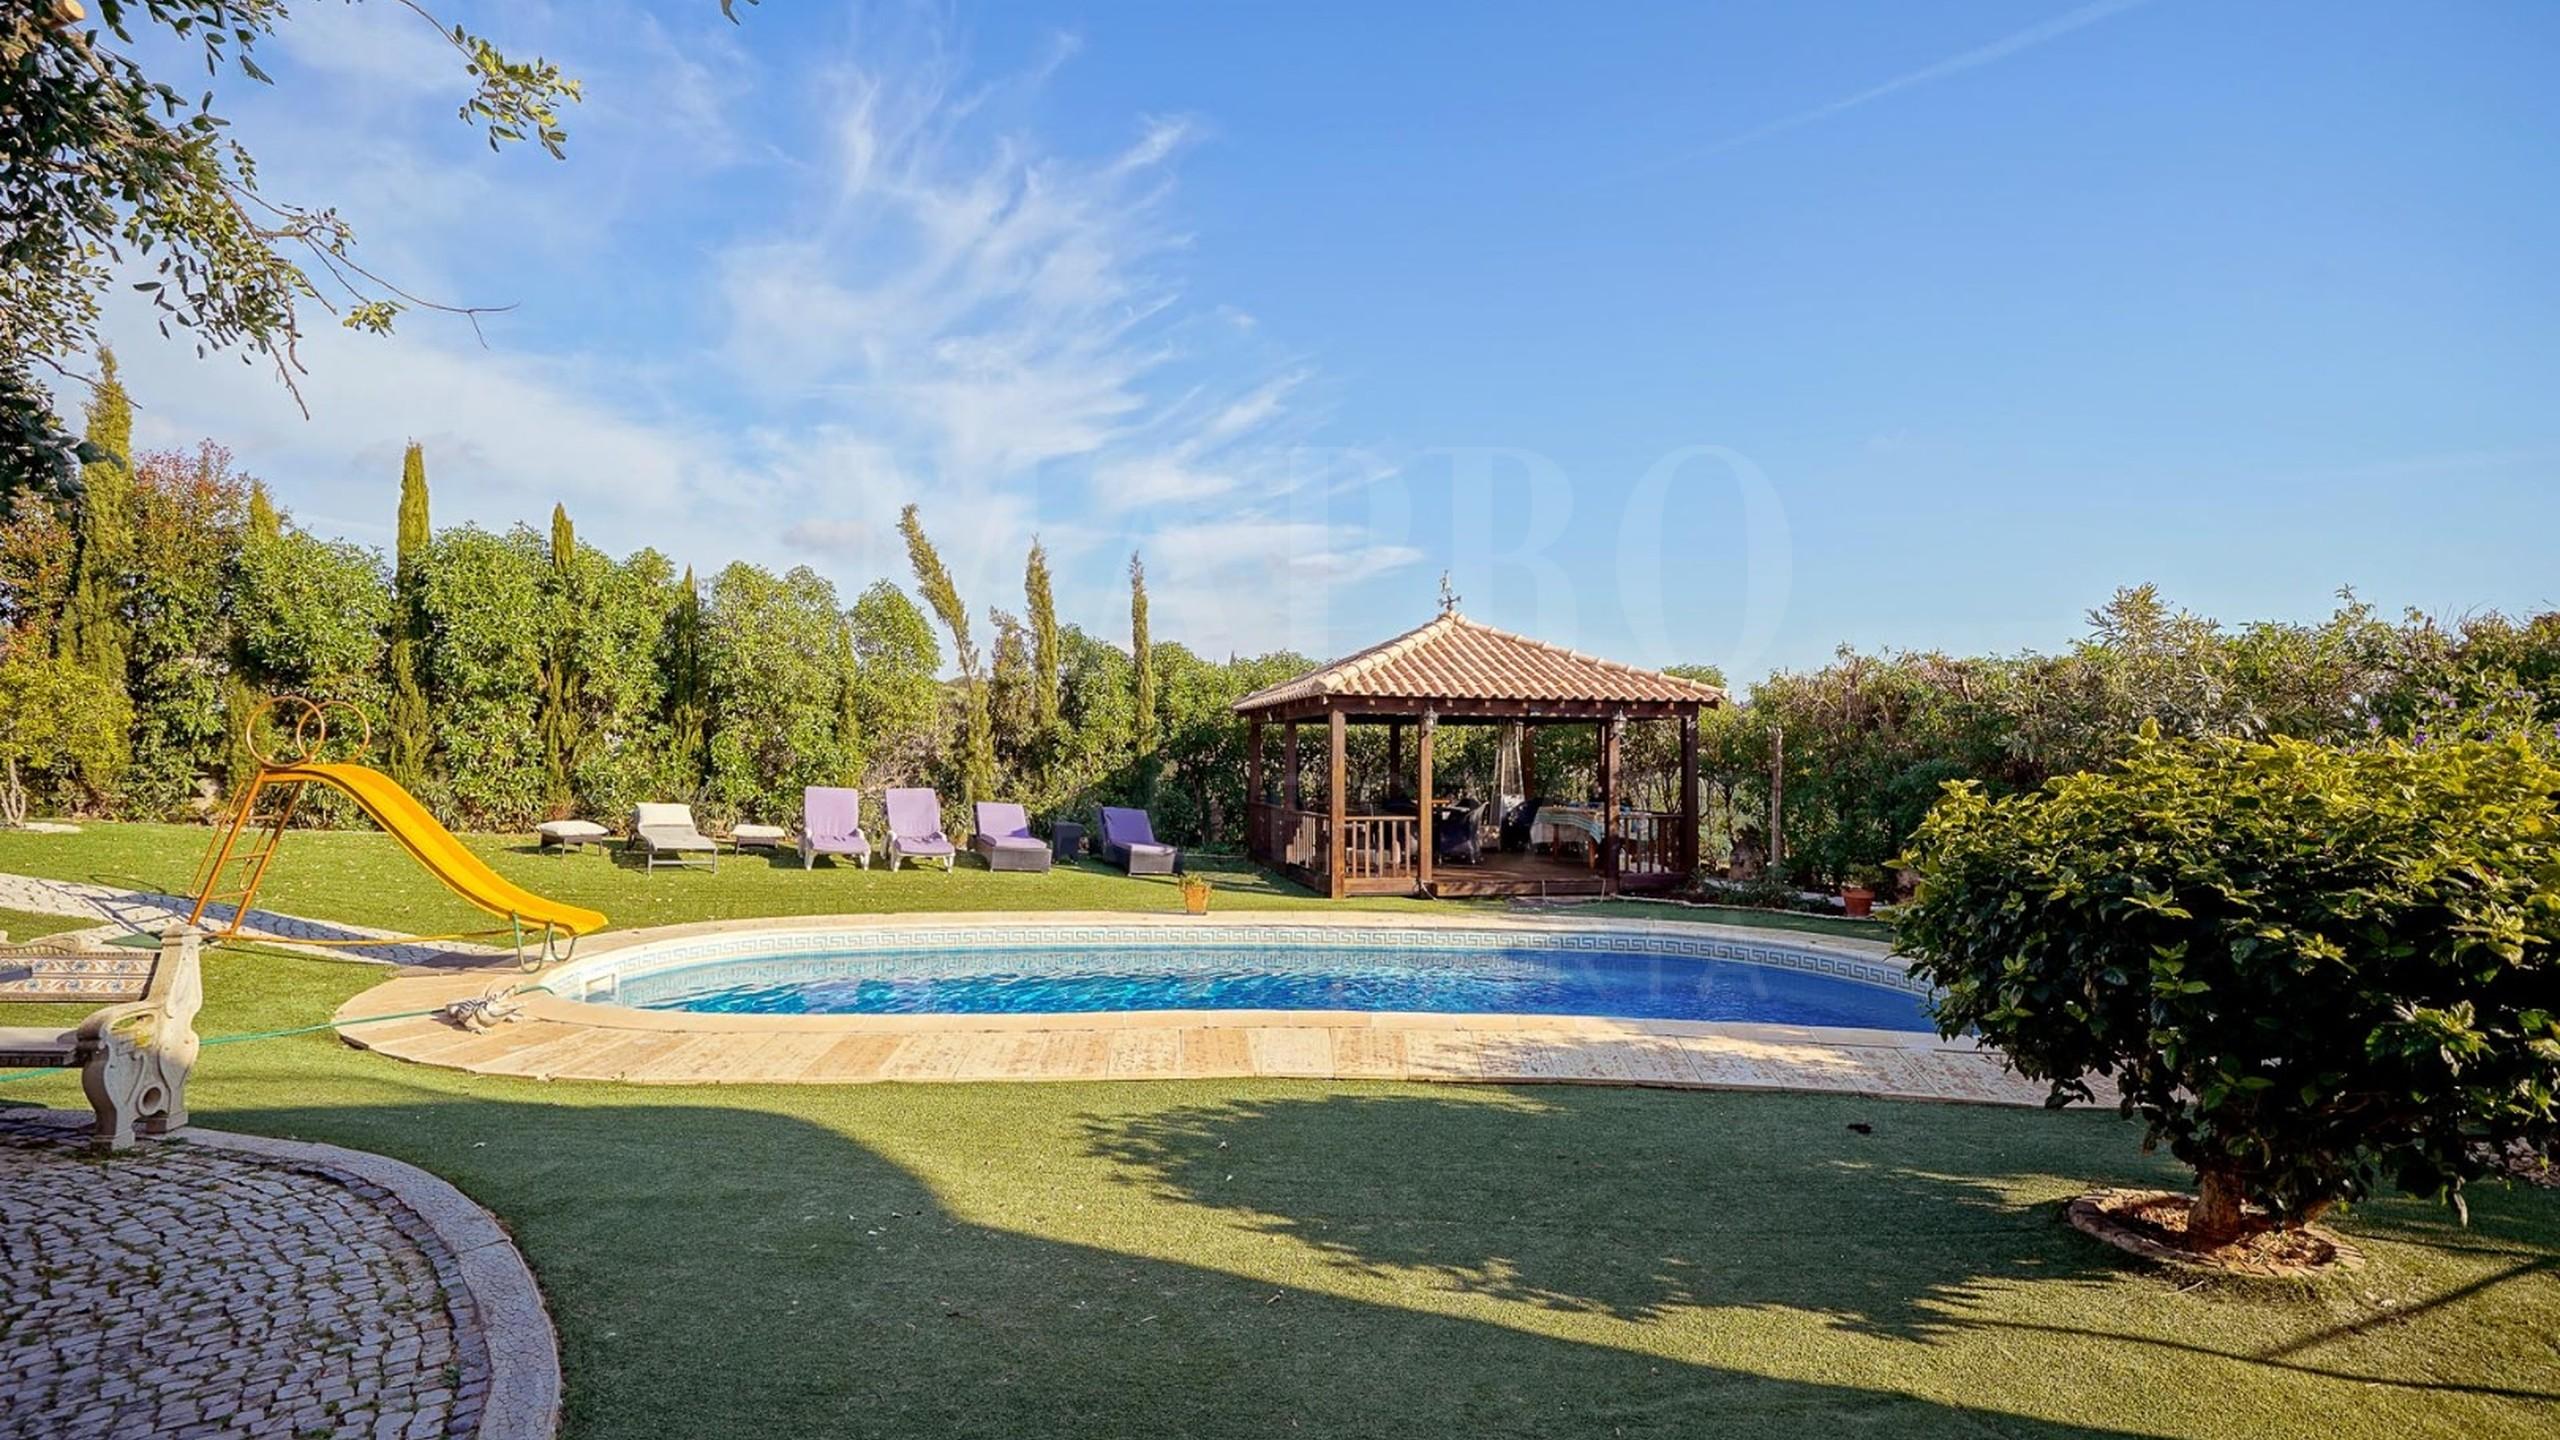 piscine et jardim